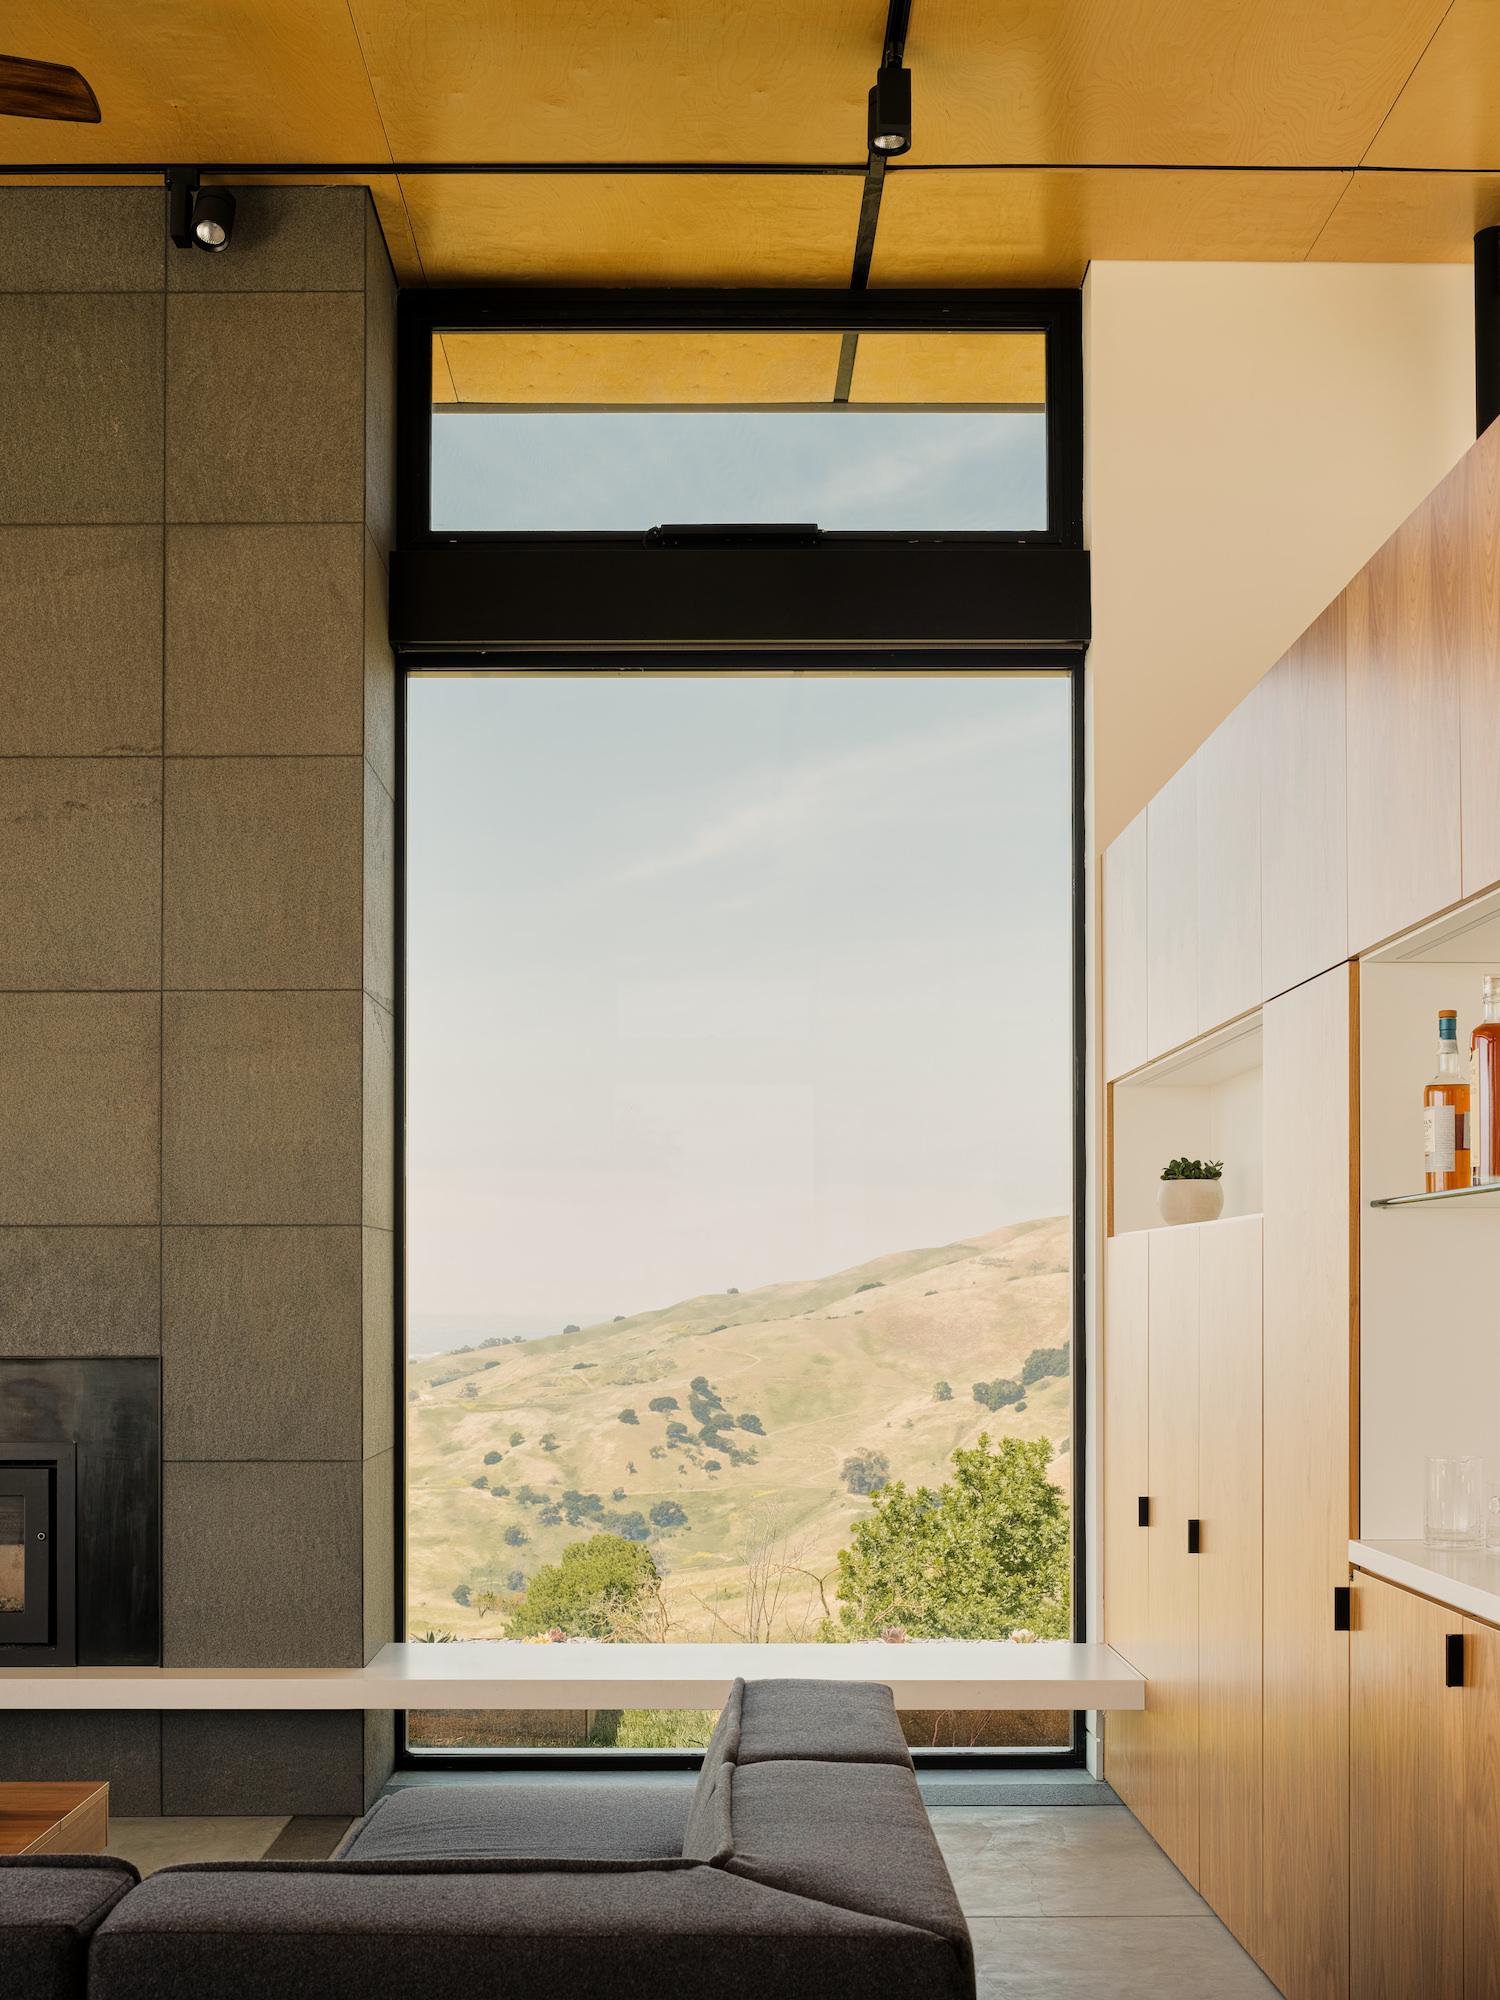 est living the pavilion feldman architecture 10